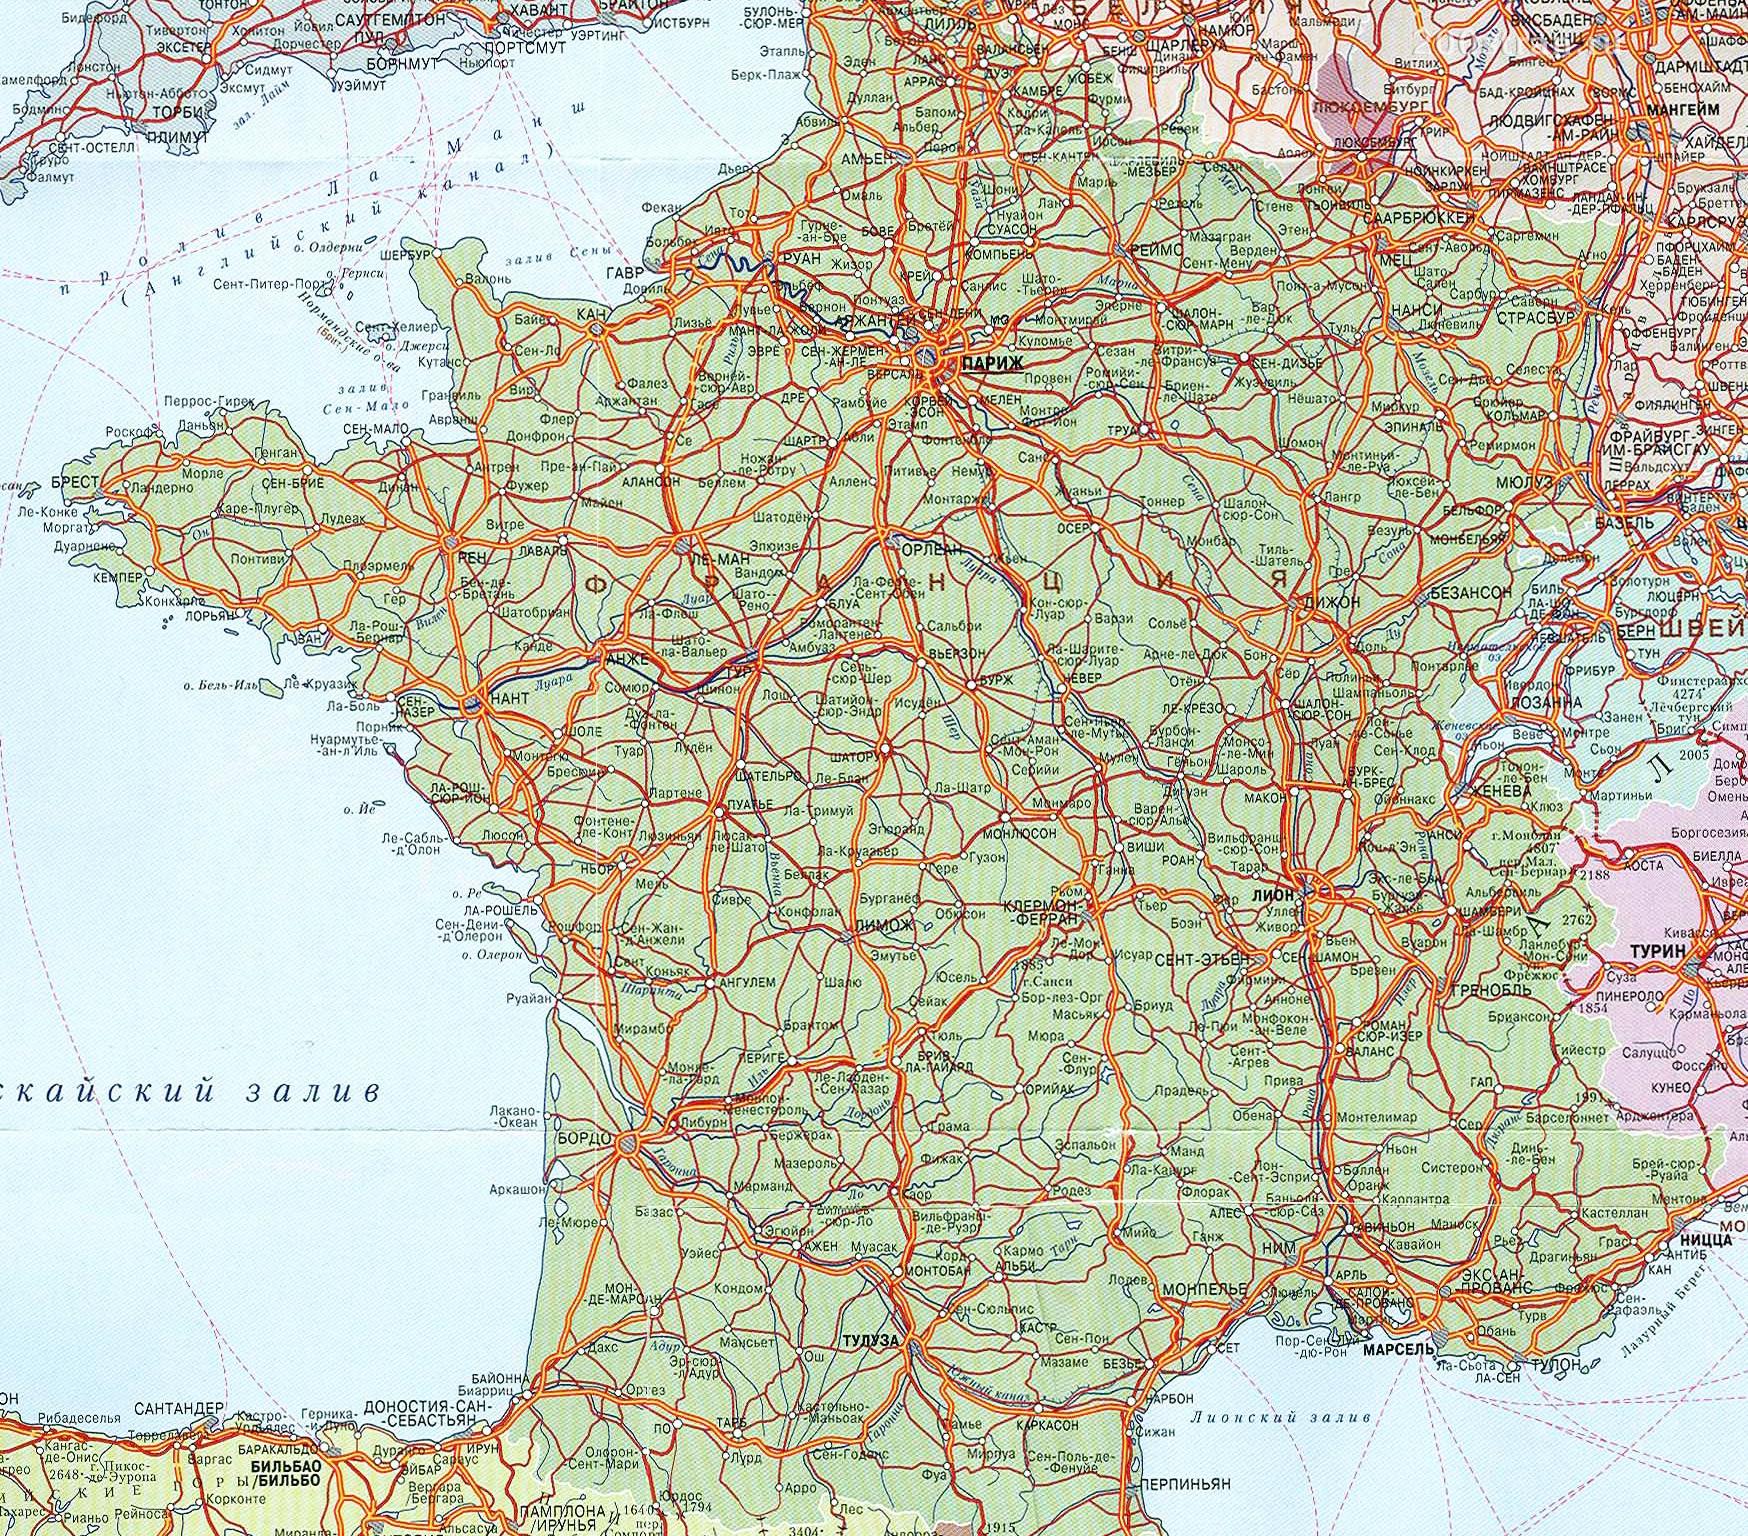 Карта Франции с городами